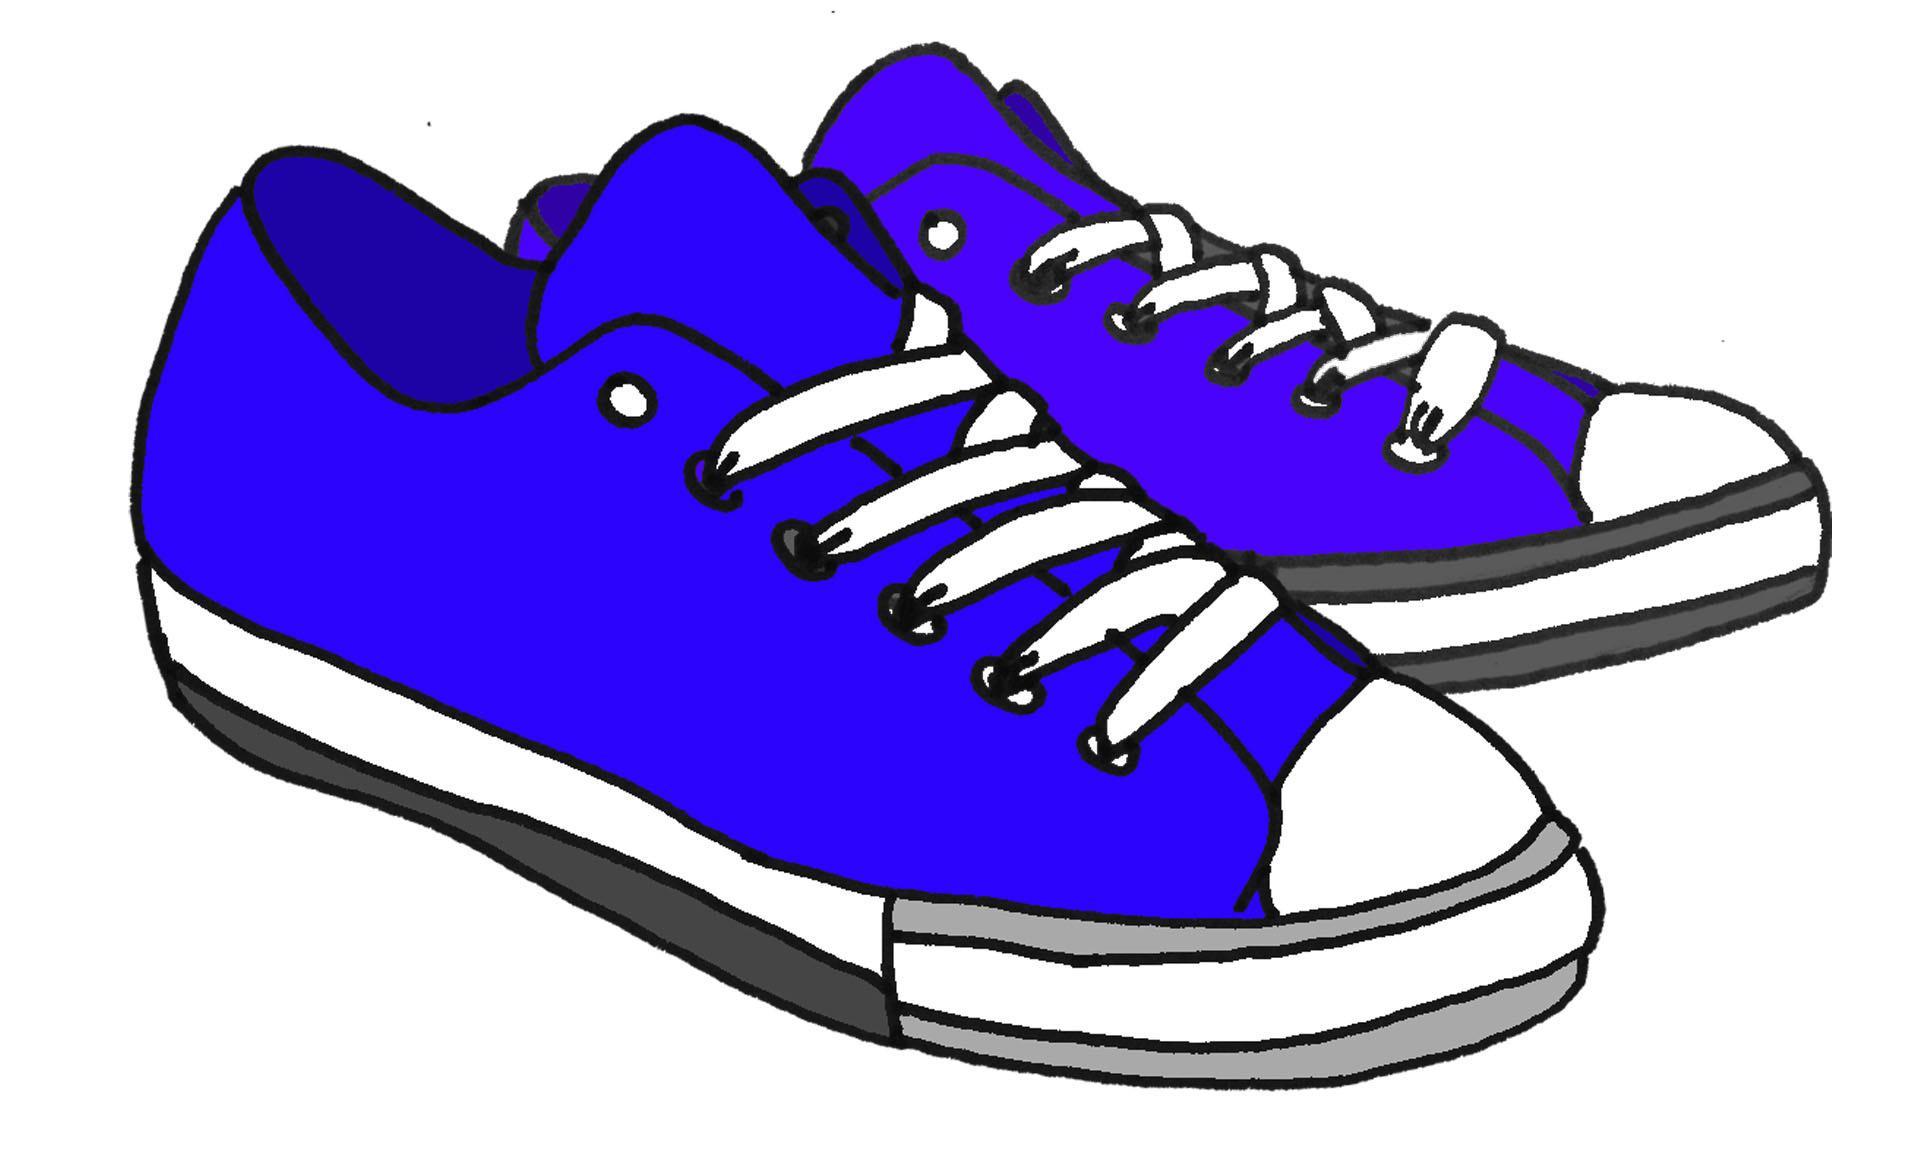 1920x1159 Tennis Shoes Clipart